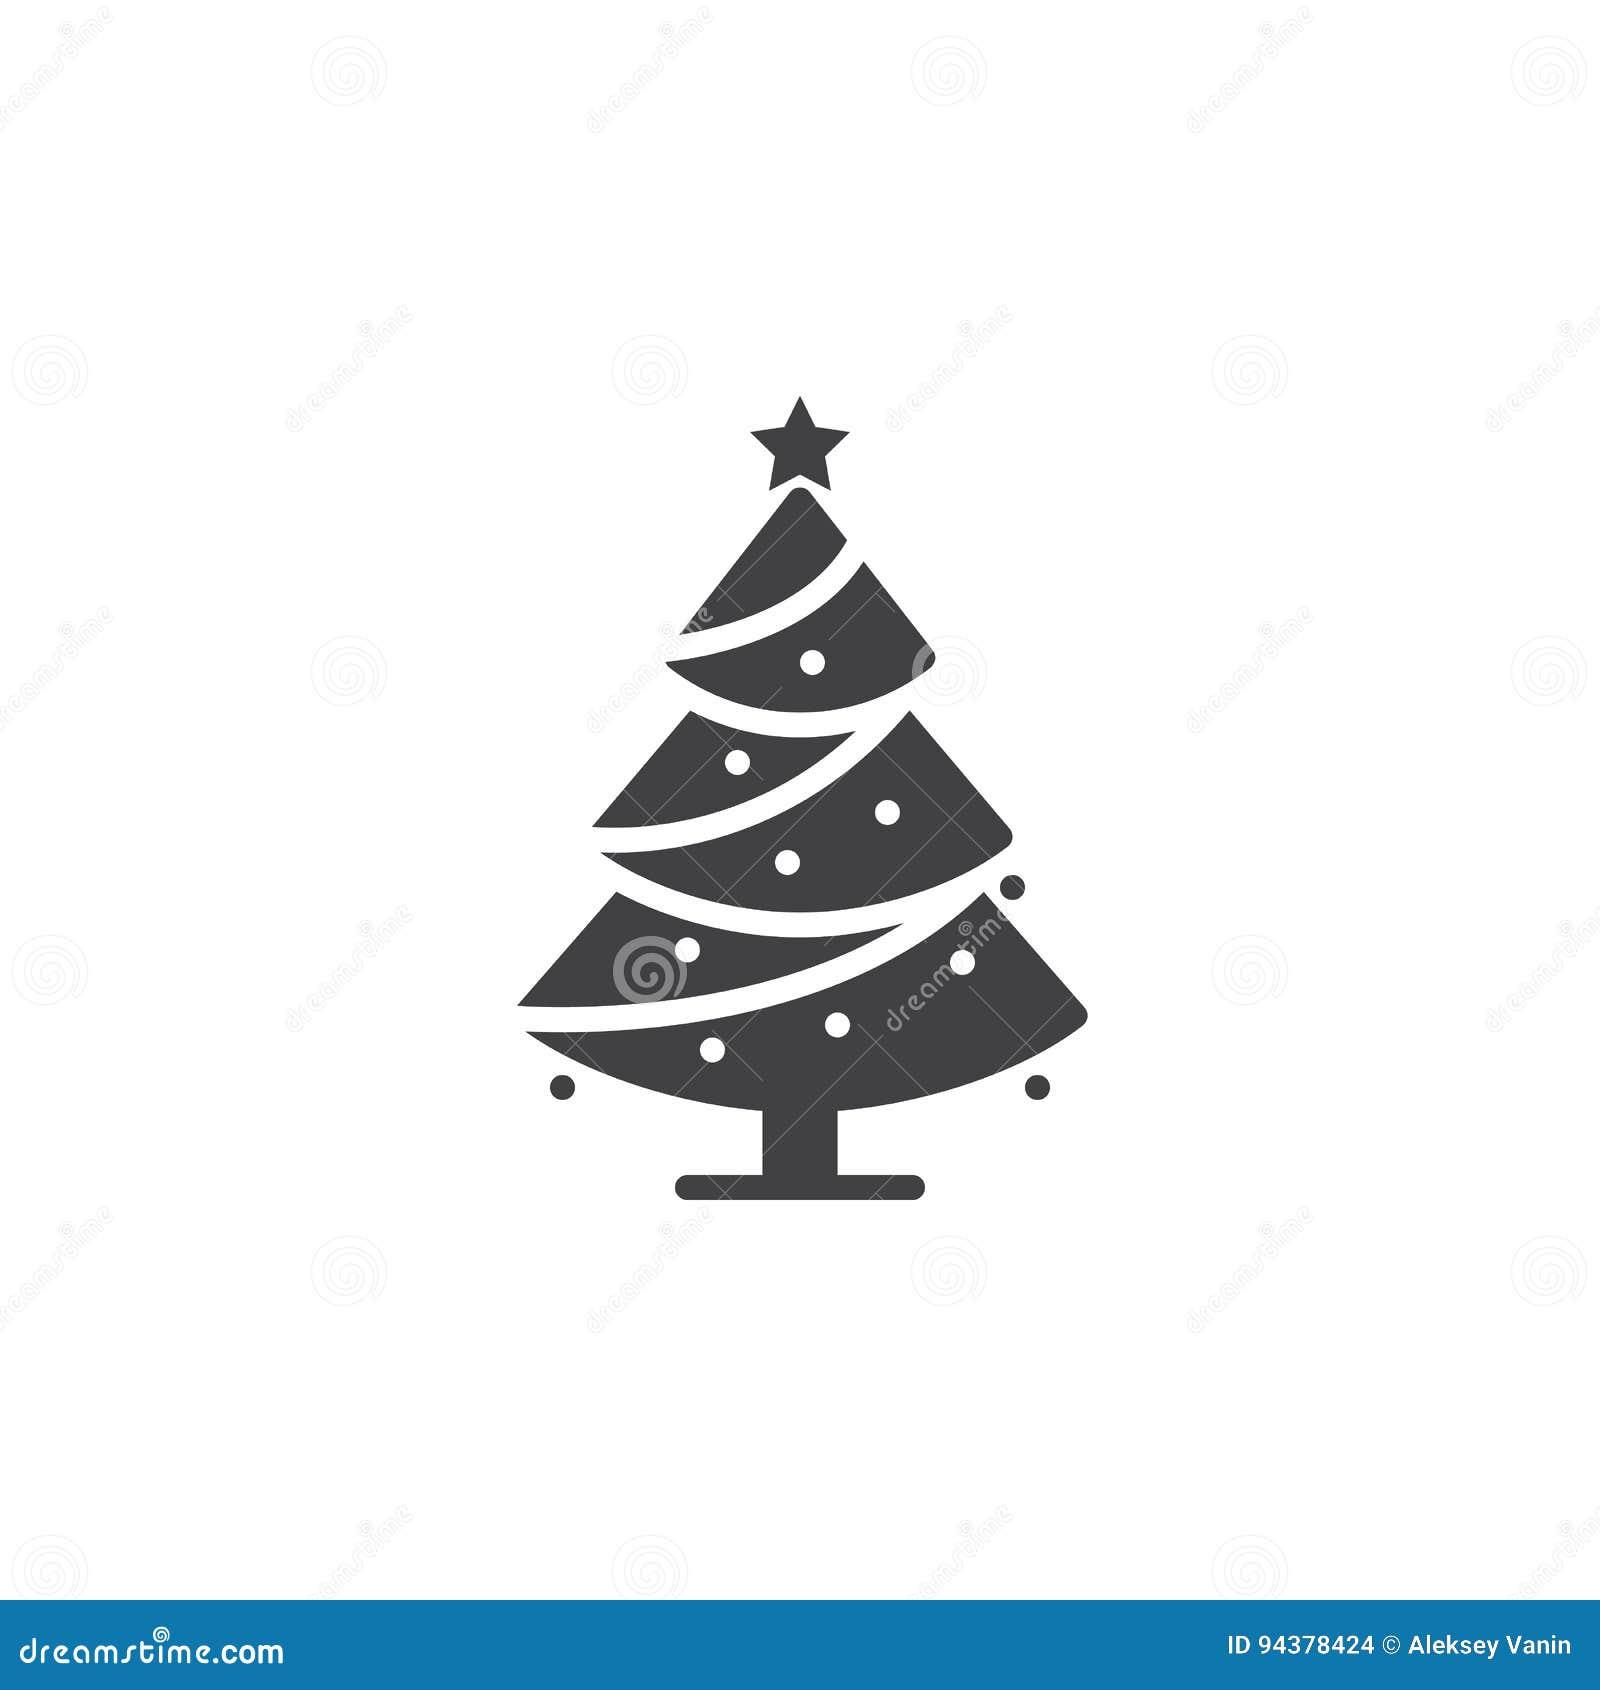 Symbol Weihnachtsbaum.Weihnachtsbaum Ikonenvektor Verzierter Nadelbaum Füllte Flaches